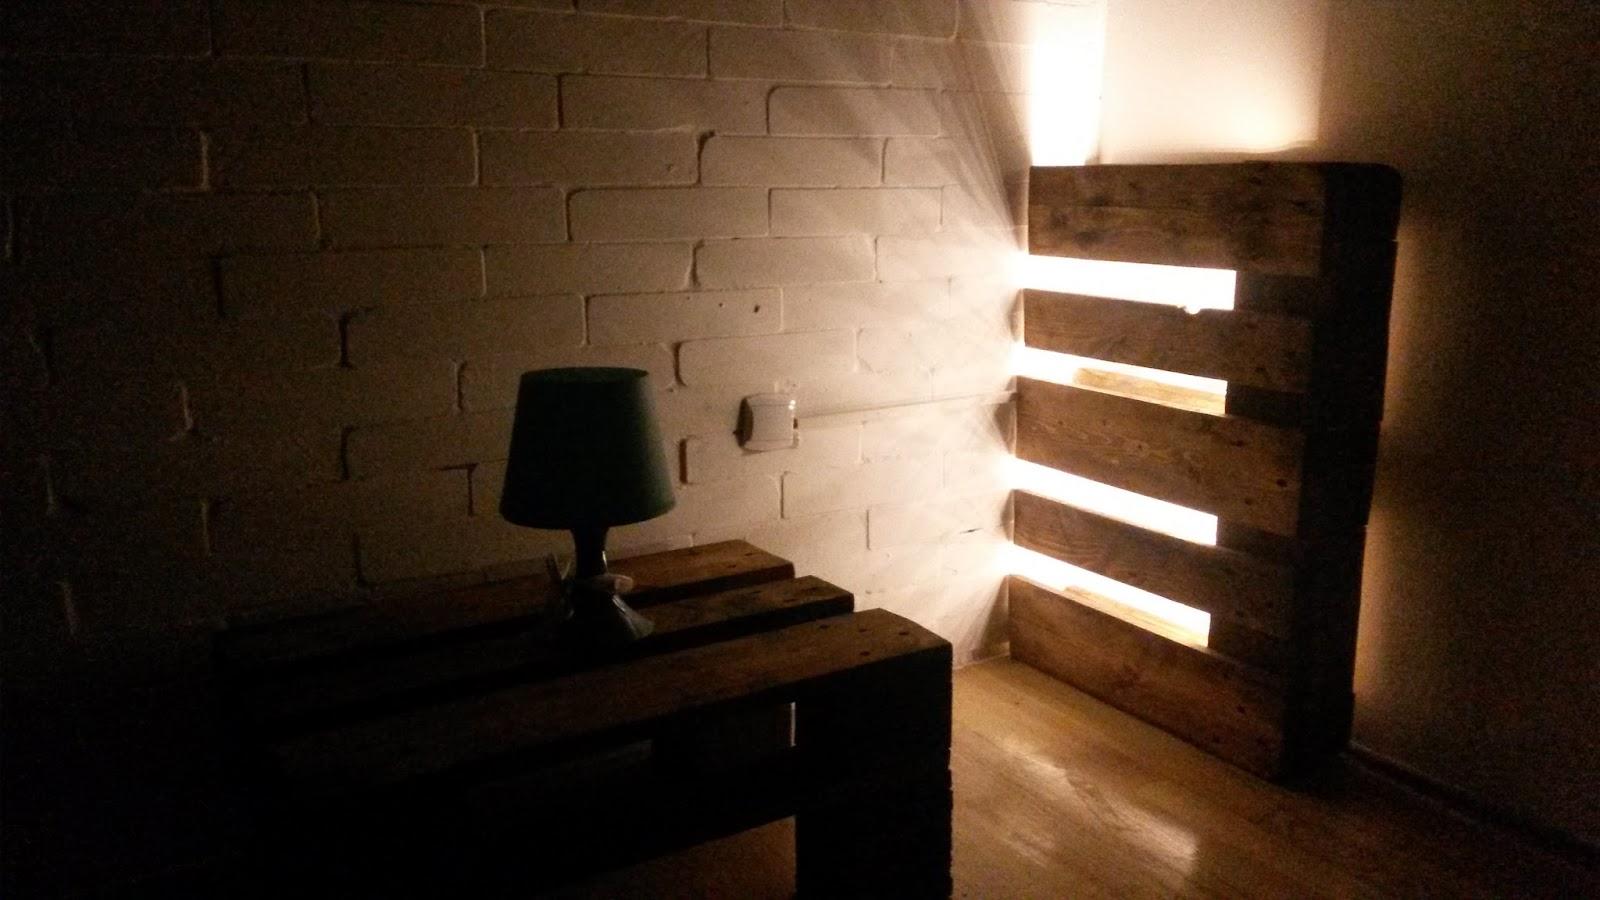 Néhány előzetes fotó az alakuló két airbnbs belvárosi lakásról